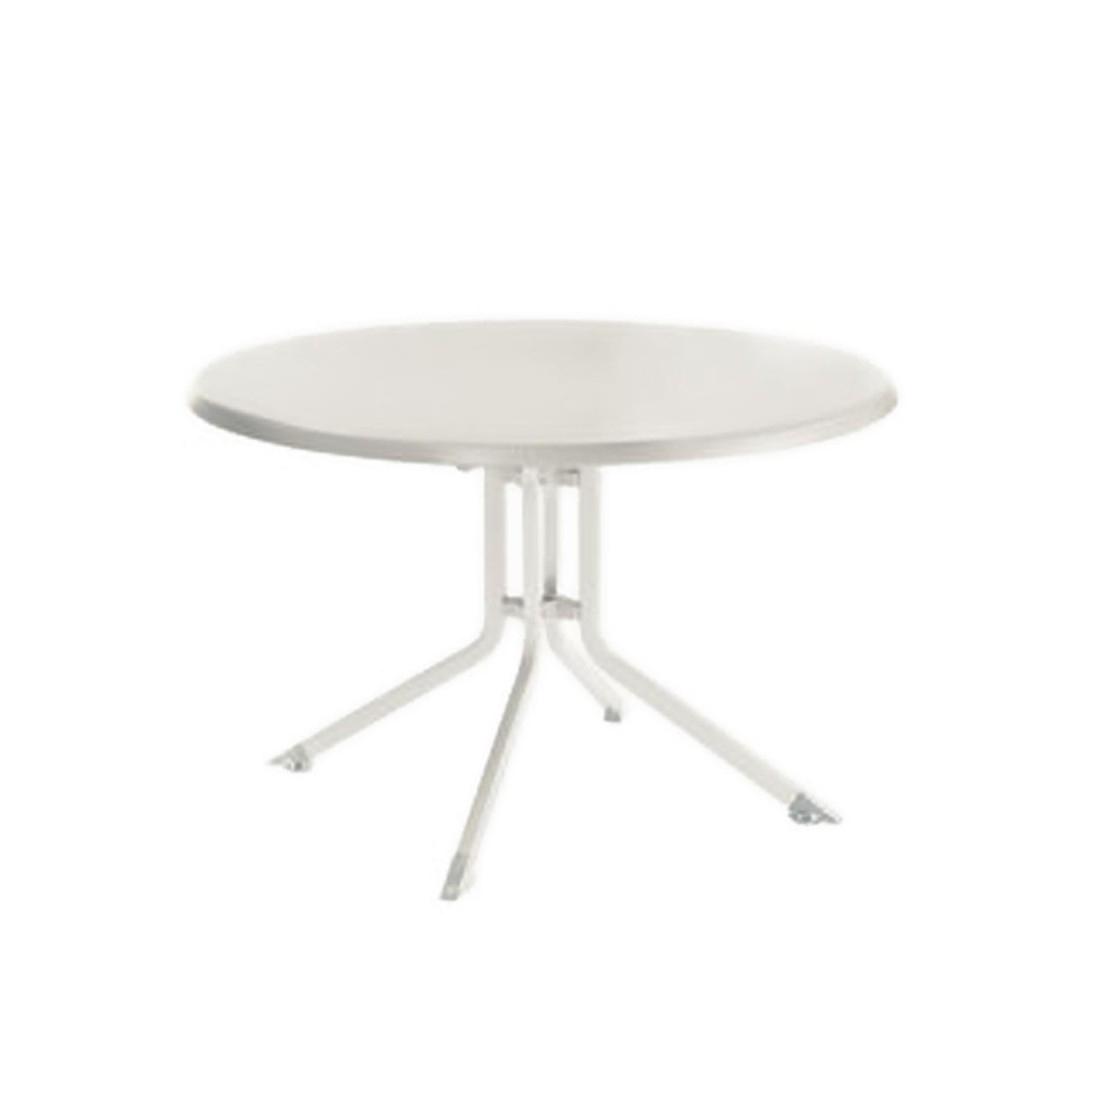 Table Pliante En Résine, Diamètre 100 Cm, Kettler Couleur Kettler Blanc /  Blanc concernant Table De Jardin Kettler